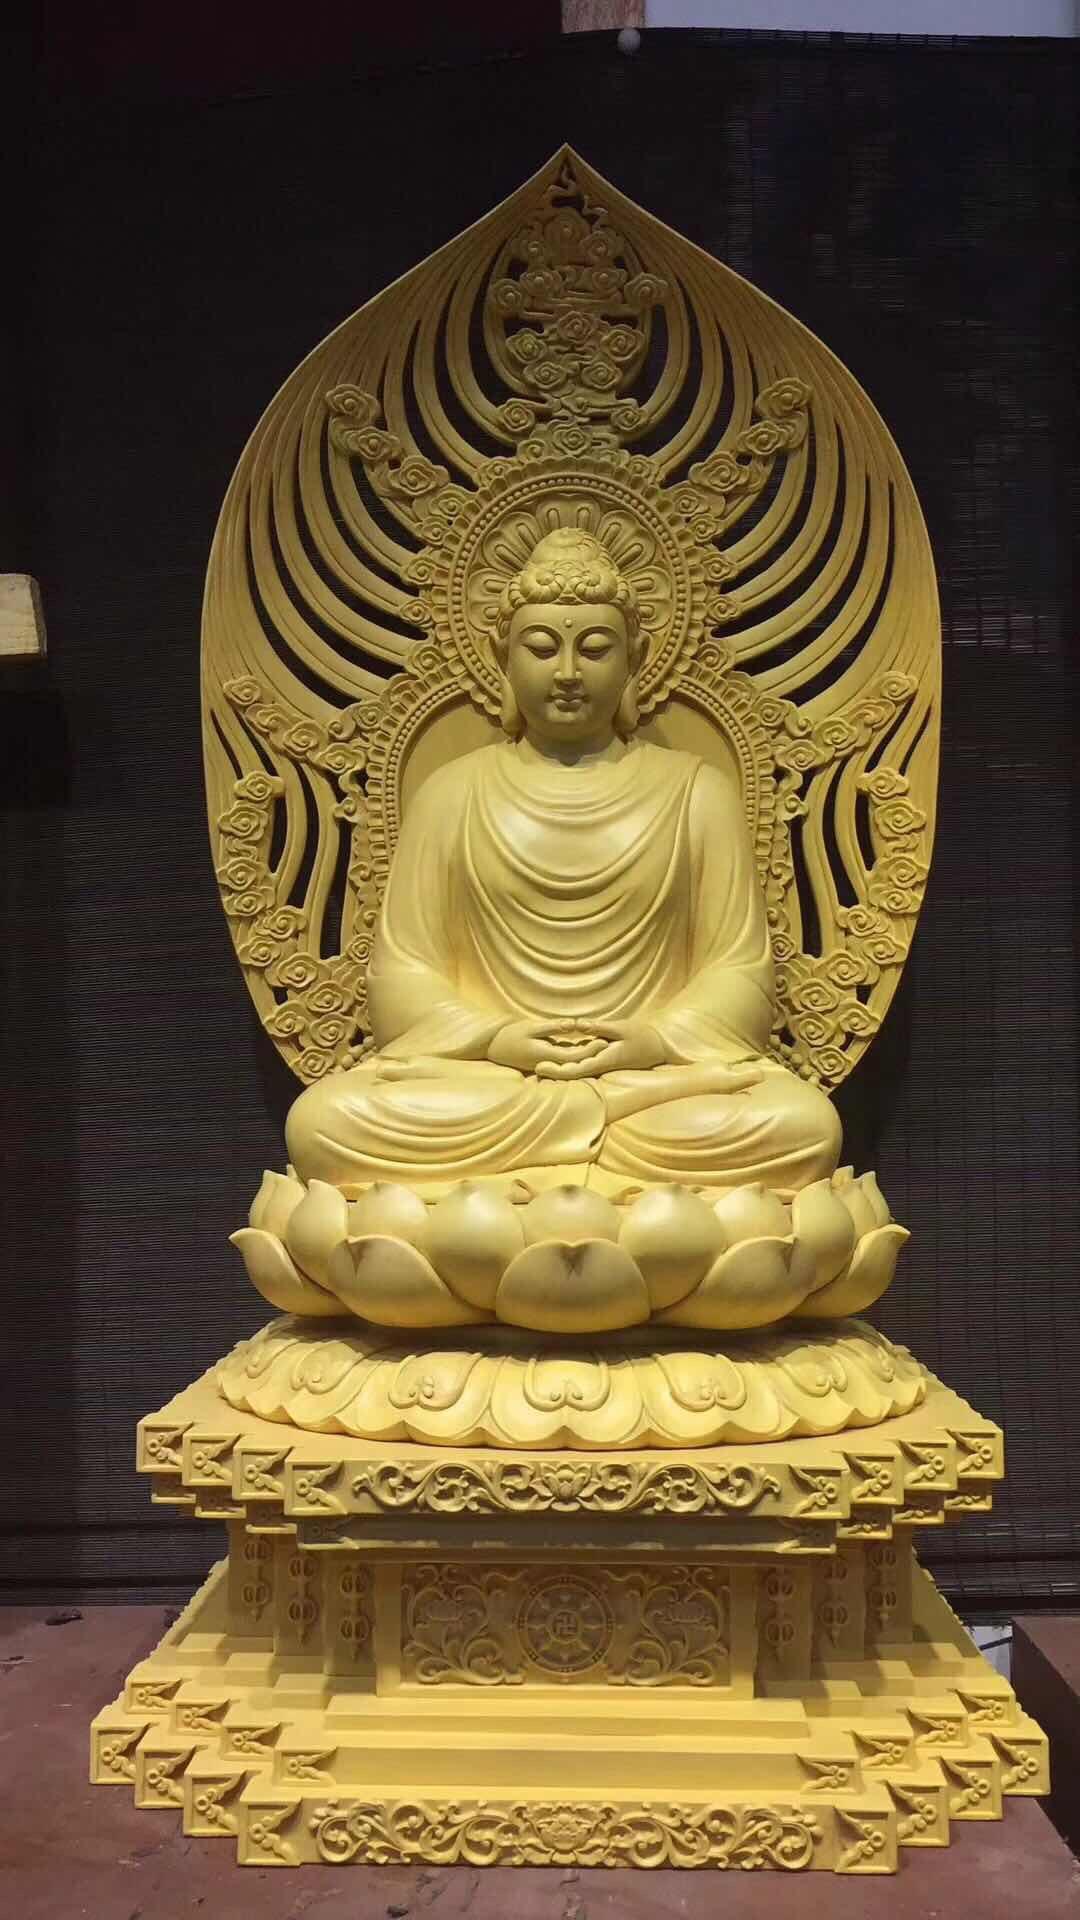 Cơ Sở sản xuất Tôn Tạo Tượng Phật Bổn sư thích ca hảo tướng , trang nghiêm  - Chất liệu : composite , đồng , gỗ , xi măng